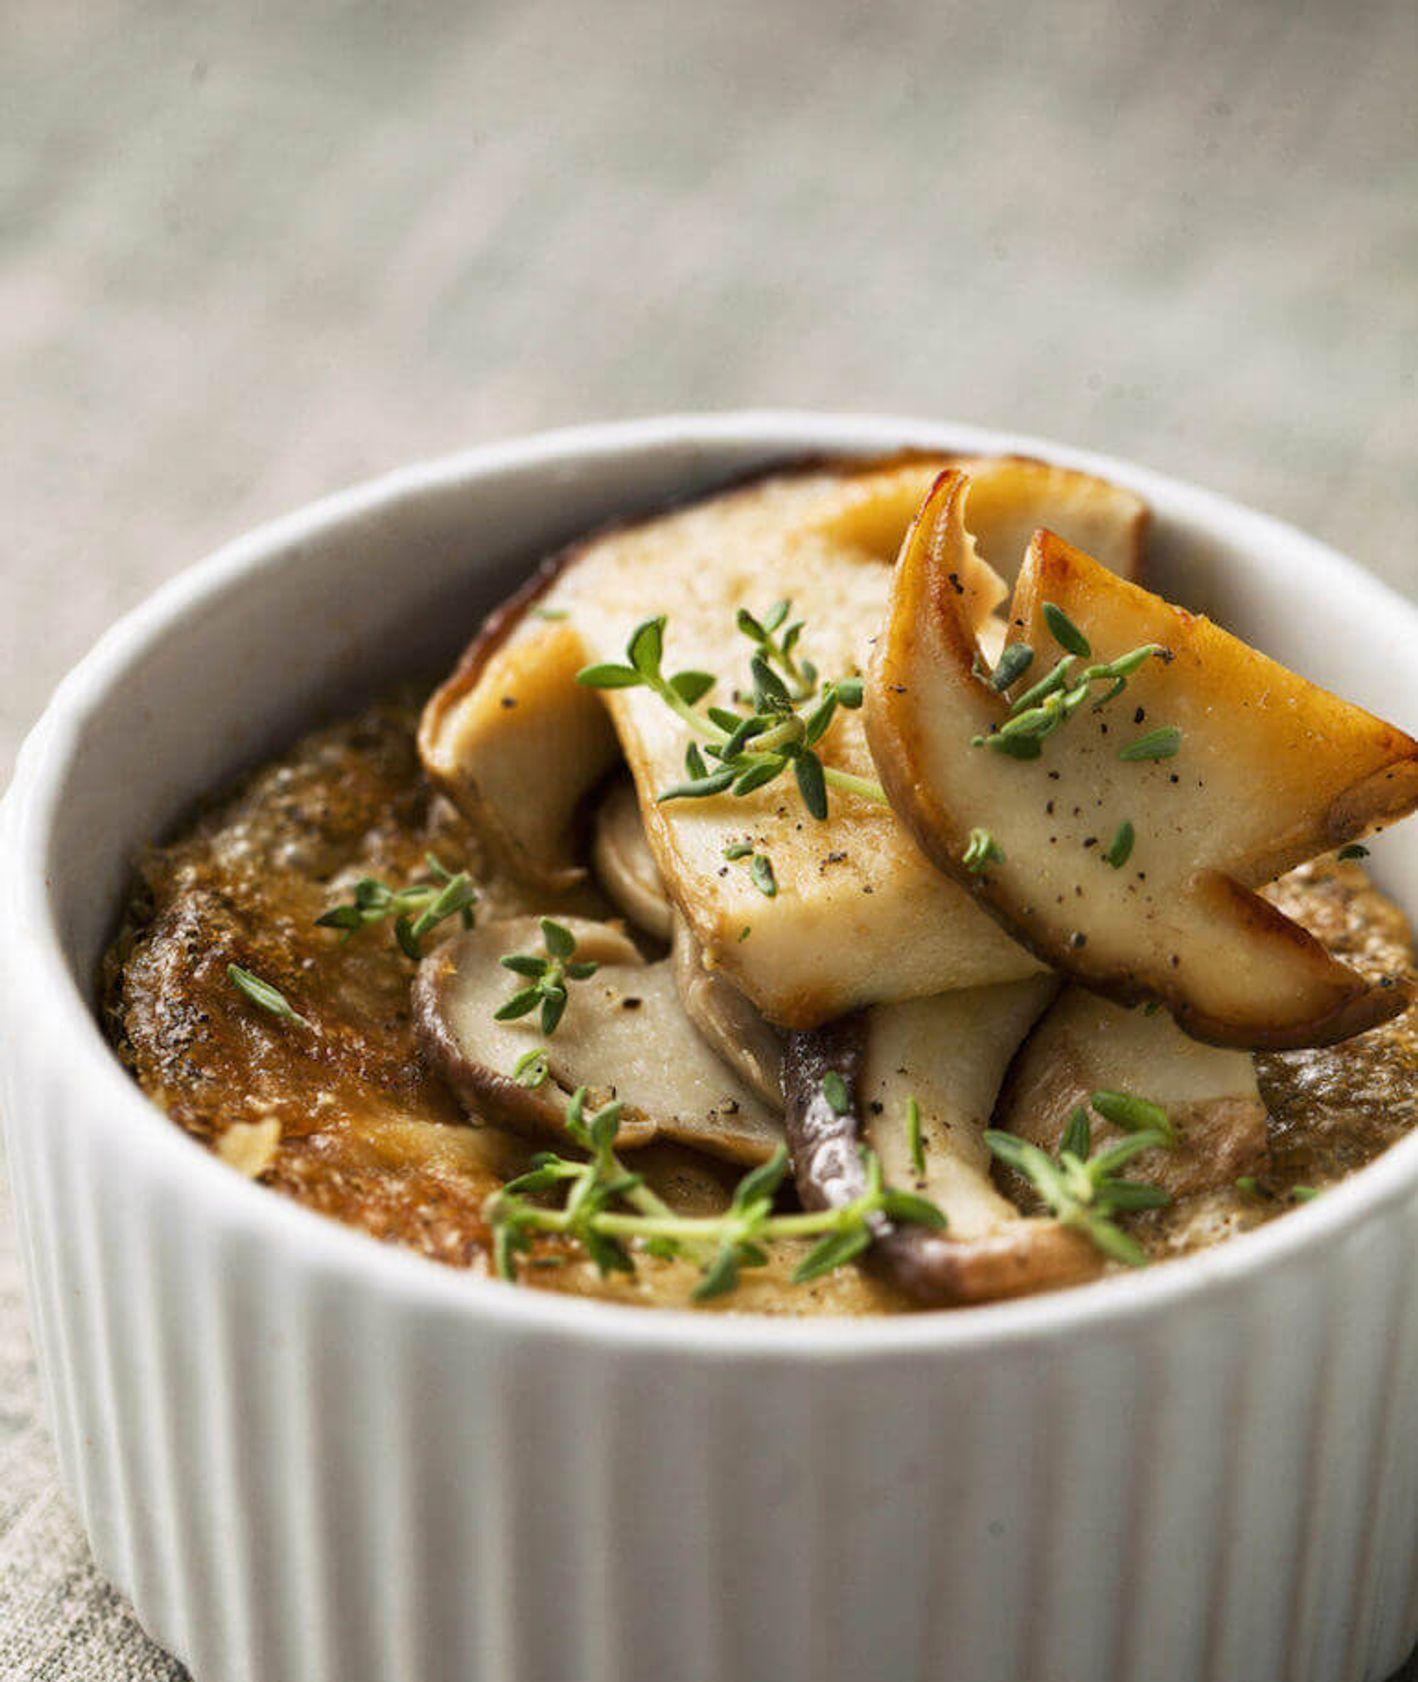 grzybowe creme brulee, wytrawne creme brûlée, kuchnia francuska, creme brulee, grzyby, co z grzybów, danie z grzybami, obiad z grzybami, przekąski na przyjęcie